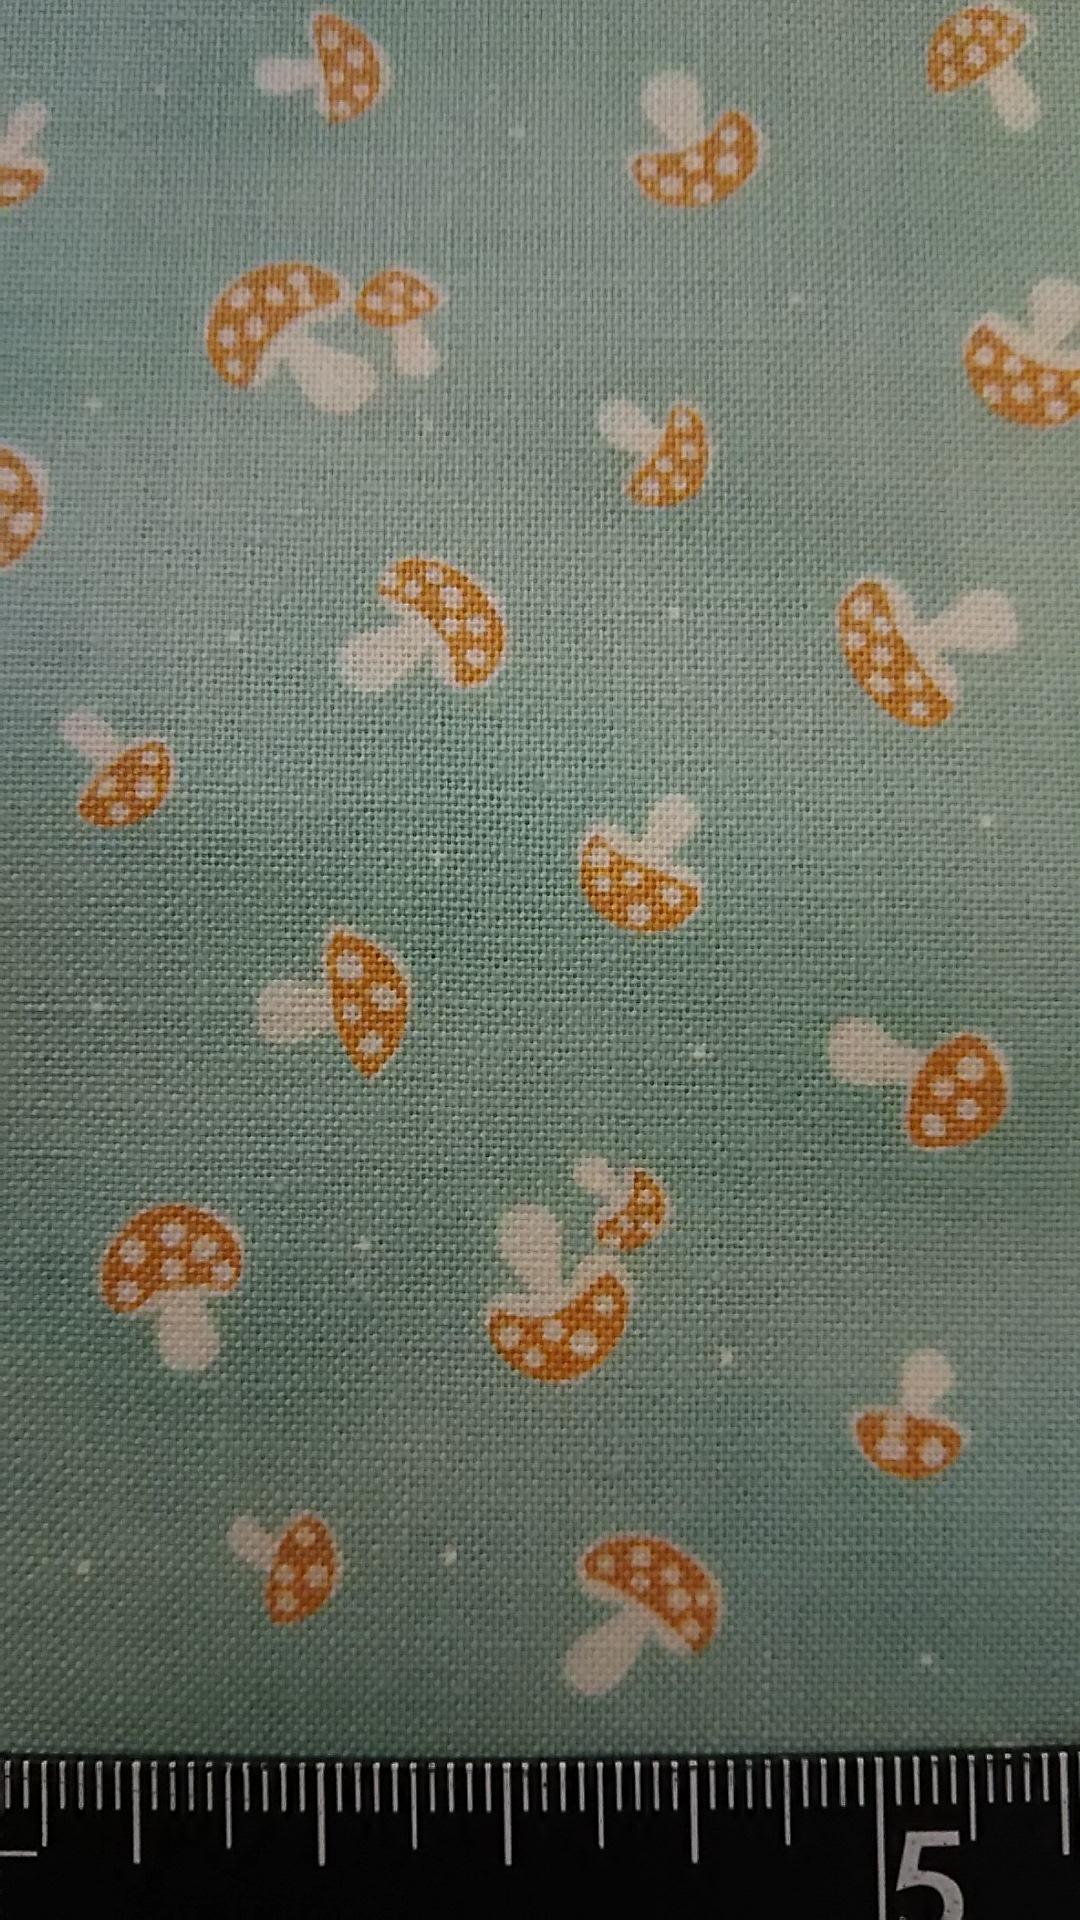 水色地キノコ柄の布地